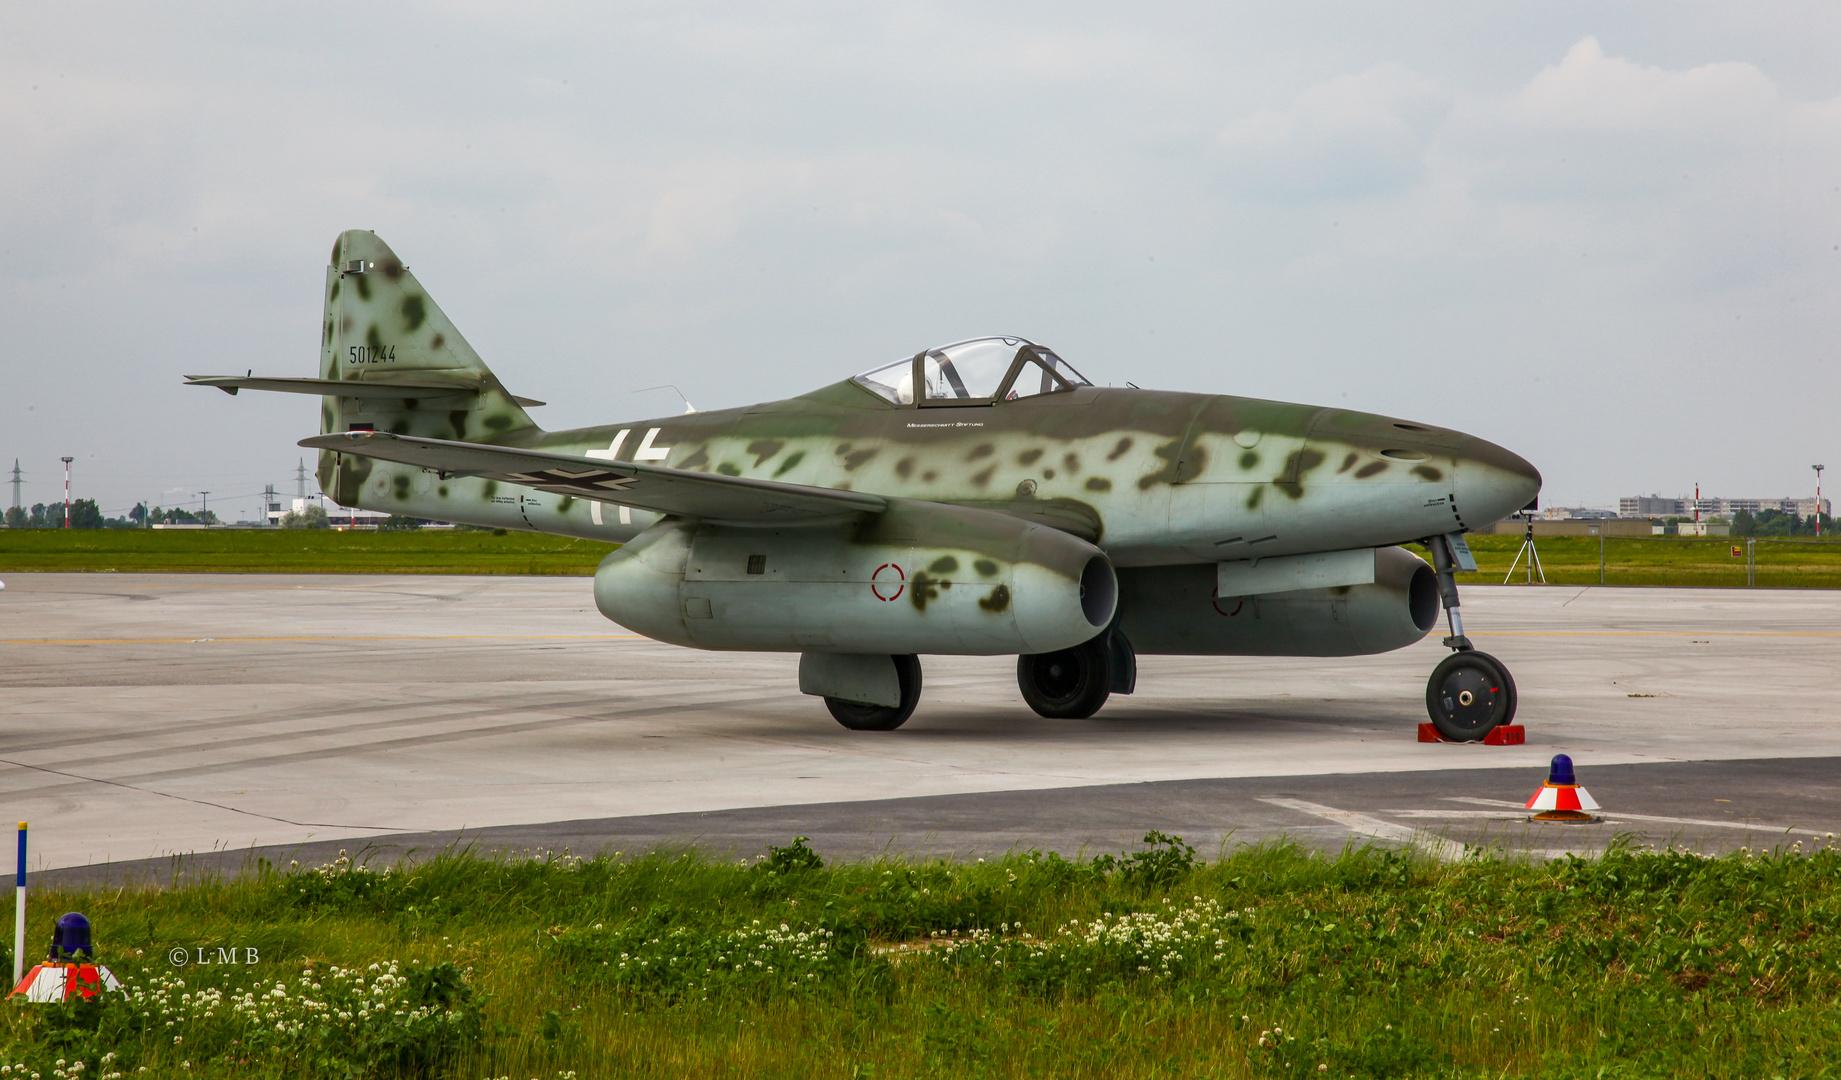 Flugmuseum Messerschmitt